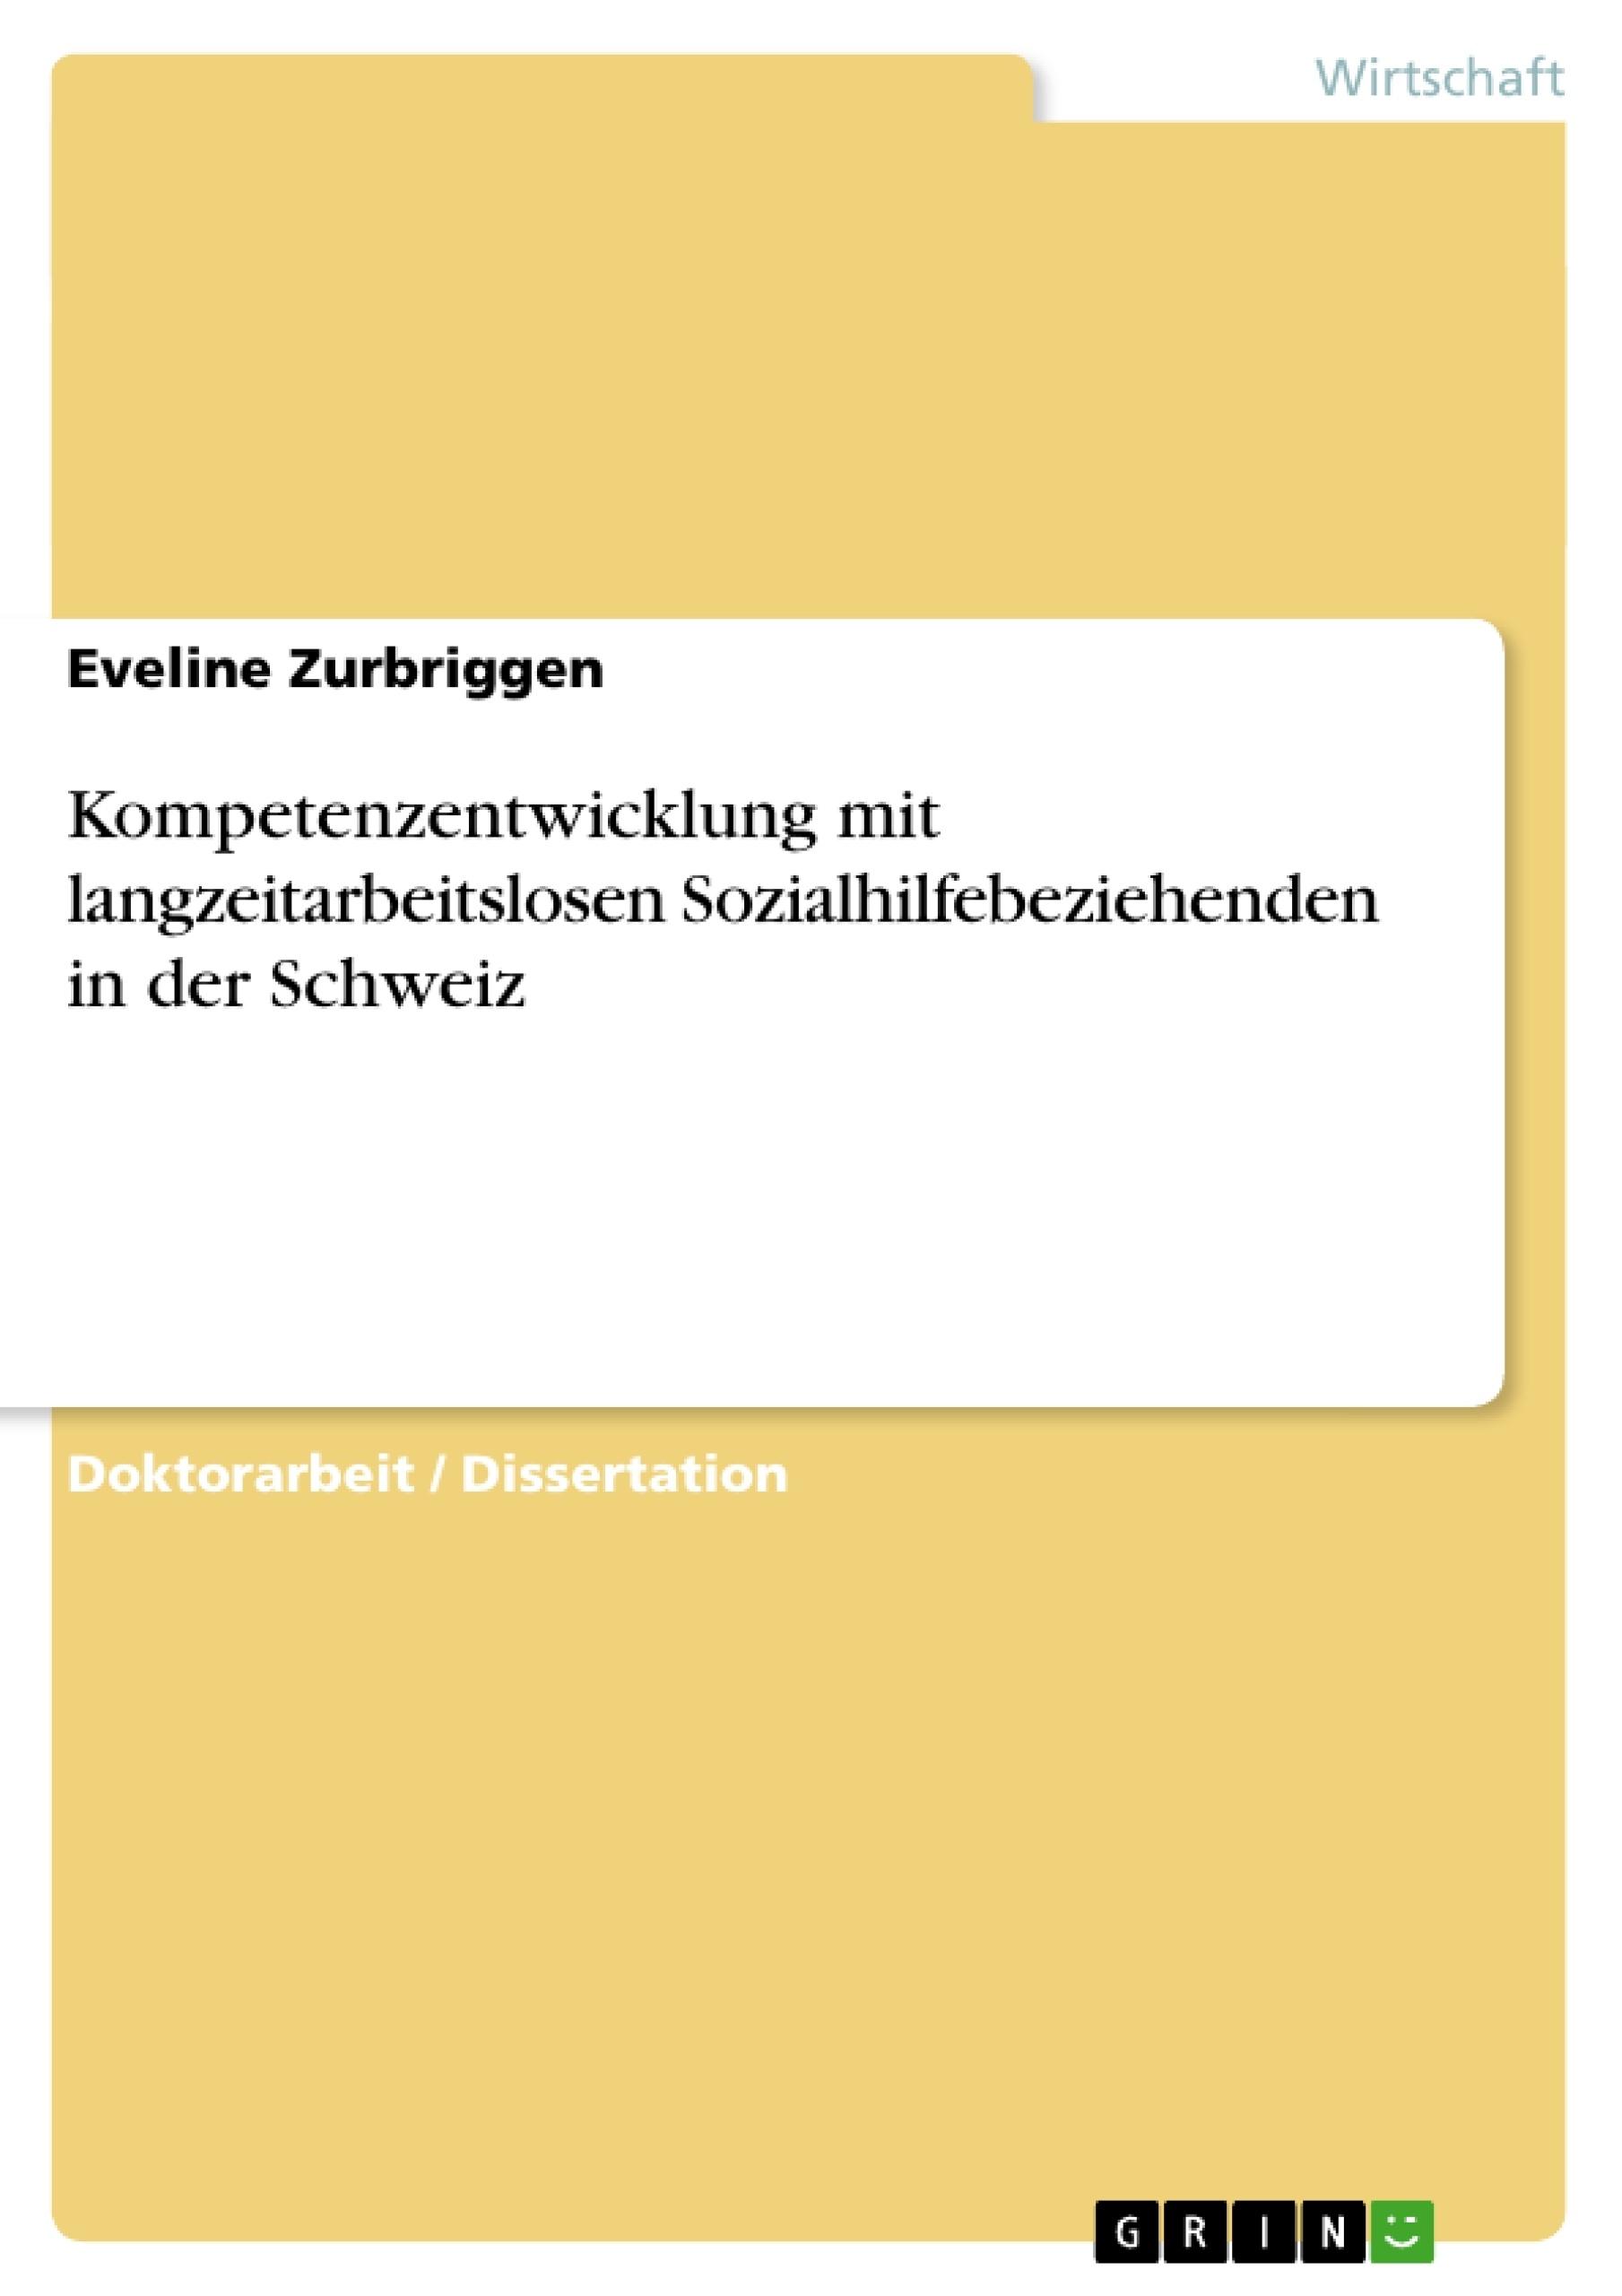 Titel: Kompetenzentwicklung mit langzeitarbeitslosen Sozialhilfebeziehenden in der Schweiz